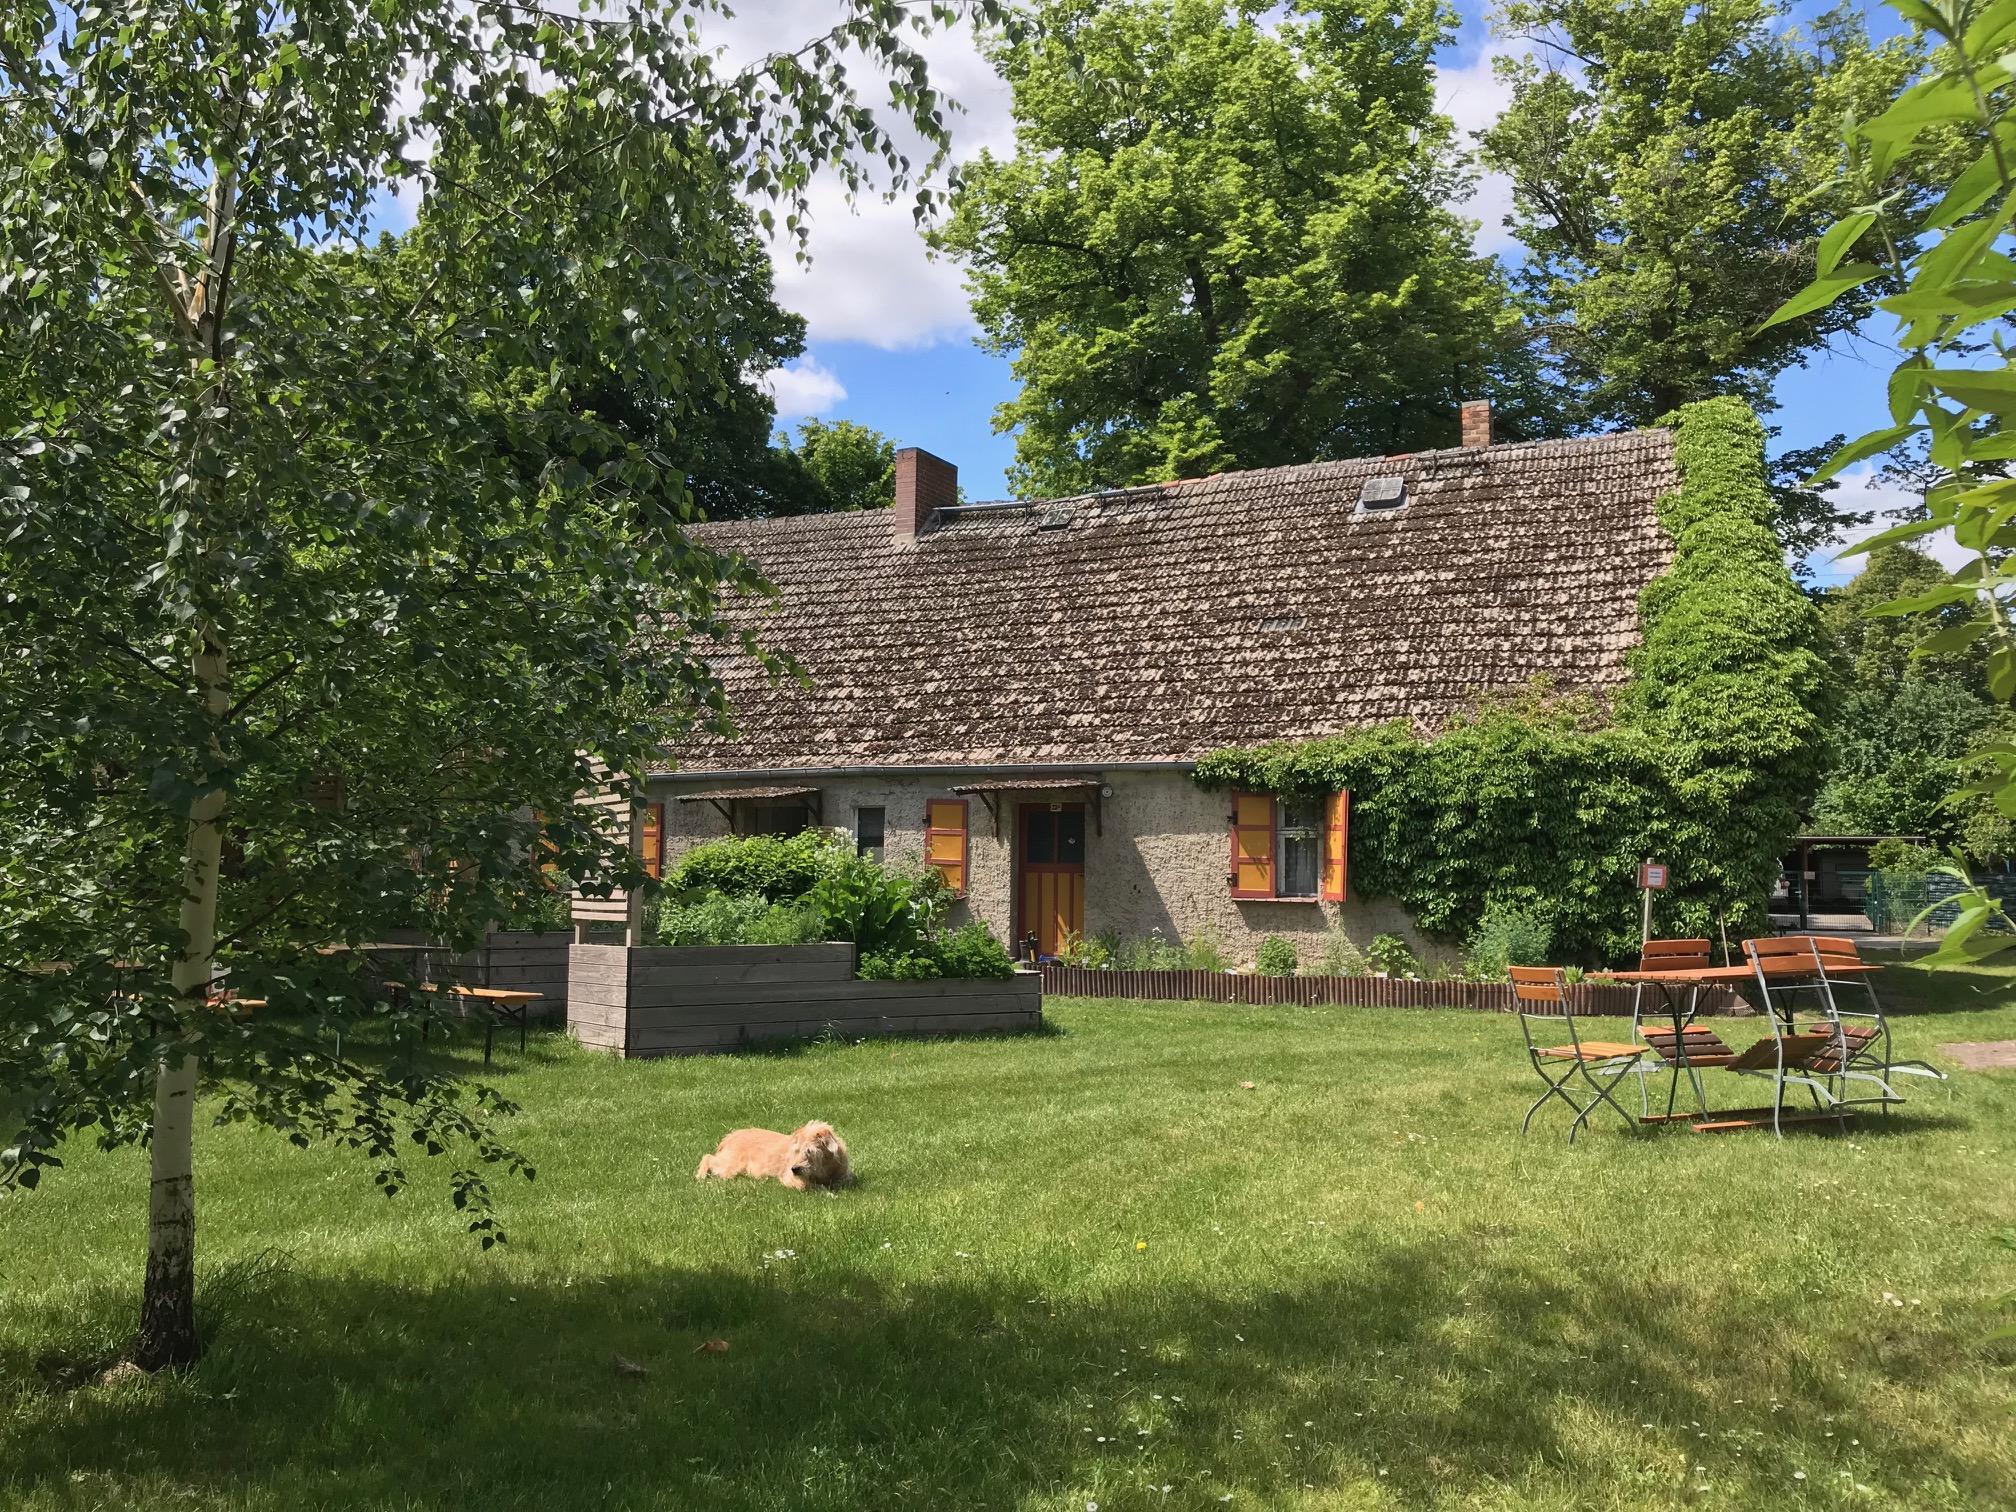 Das Lange Haus, Blick von der Landpraxis aus